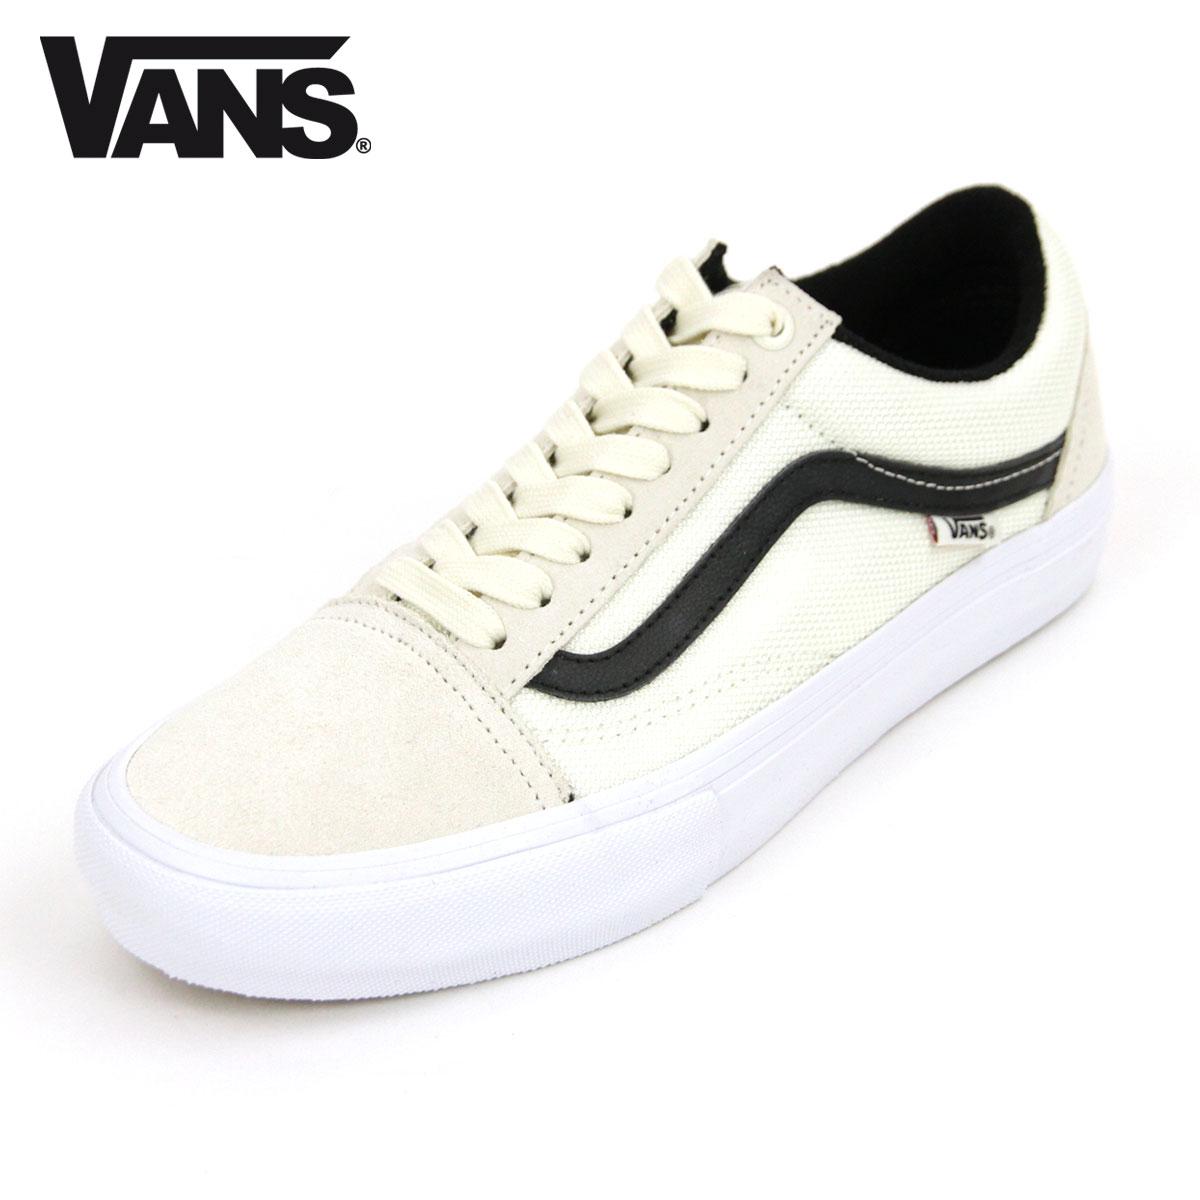 ee67490ebc9 Vans VANS regular store men sneakers old school pro VANS OLD SKOOL PRO  MARSHMALLOW BLACK VN0A45JCVG1